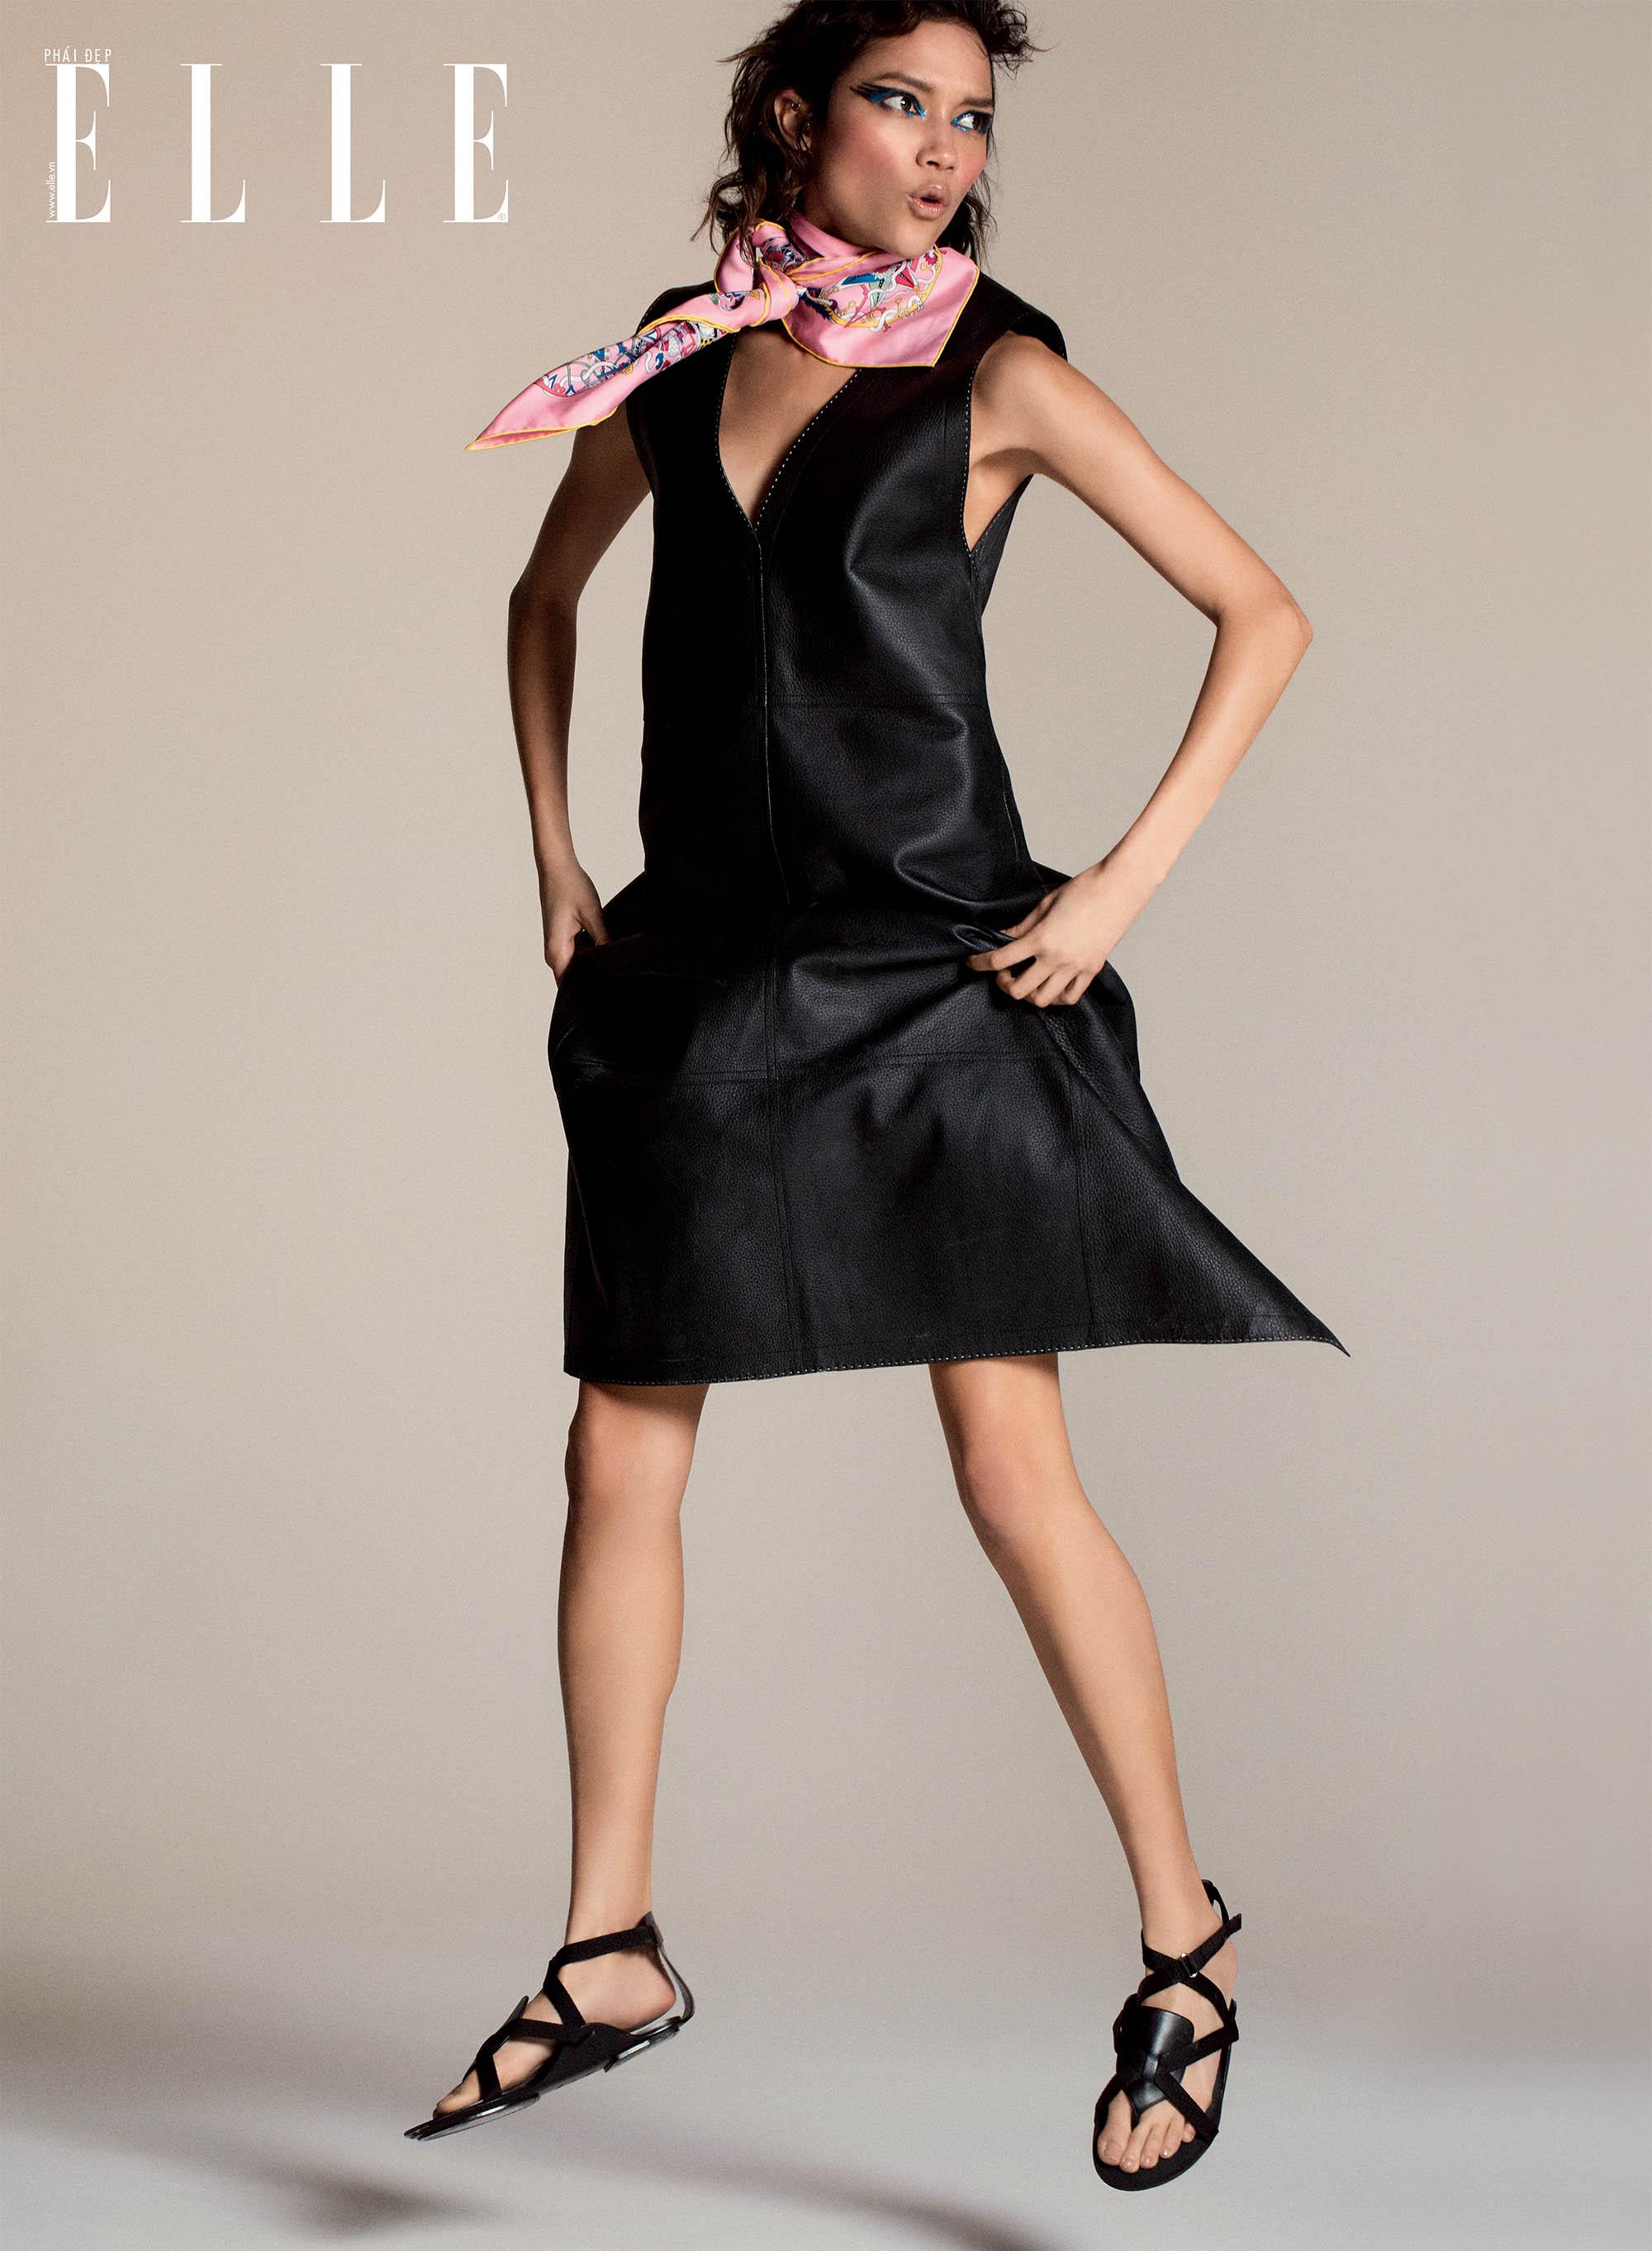 bộ ảnh đầm da đen và khăn lụa họa tiết màu hồng